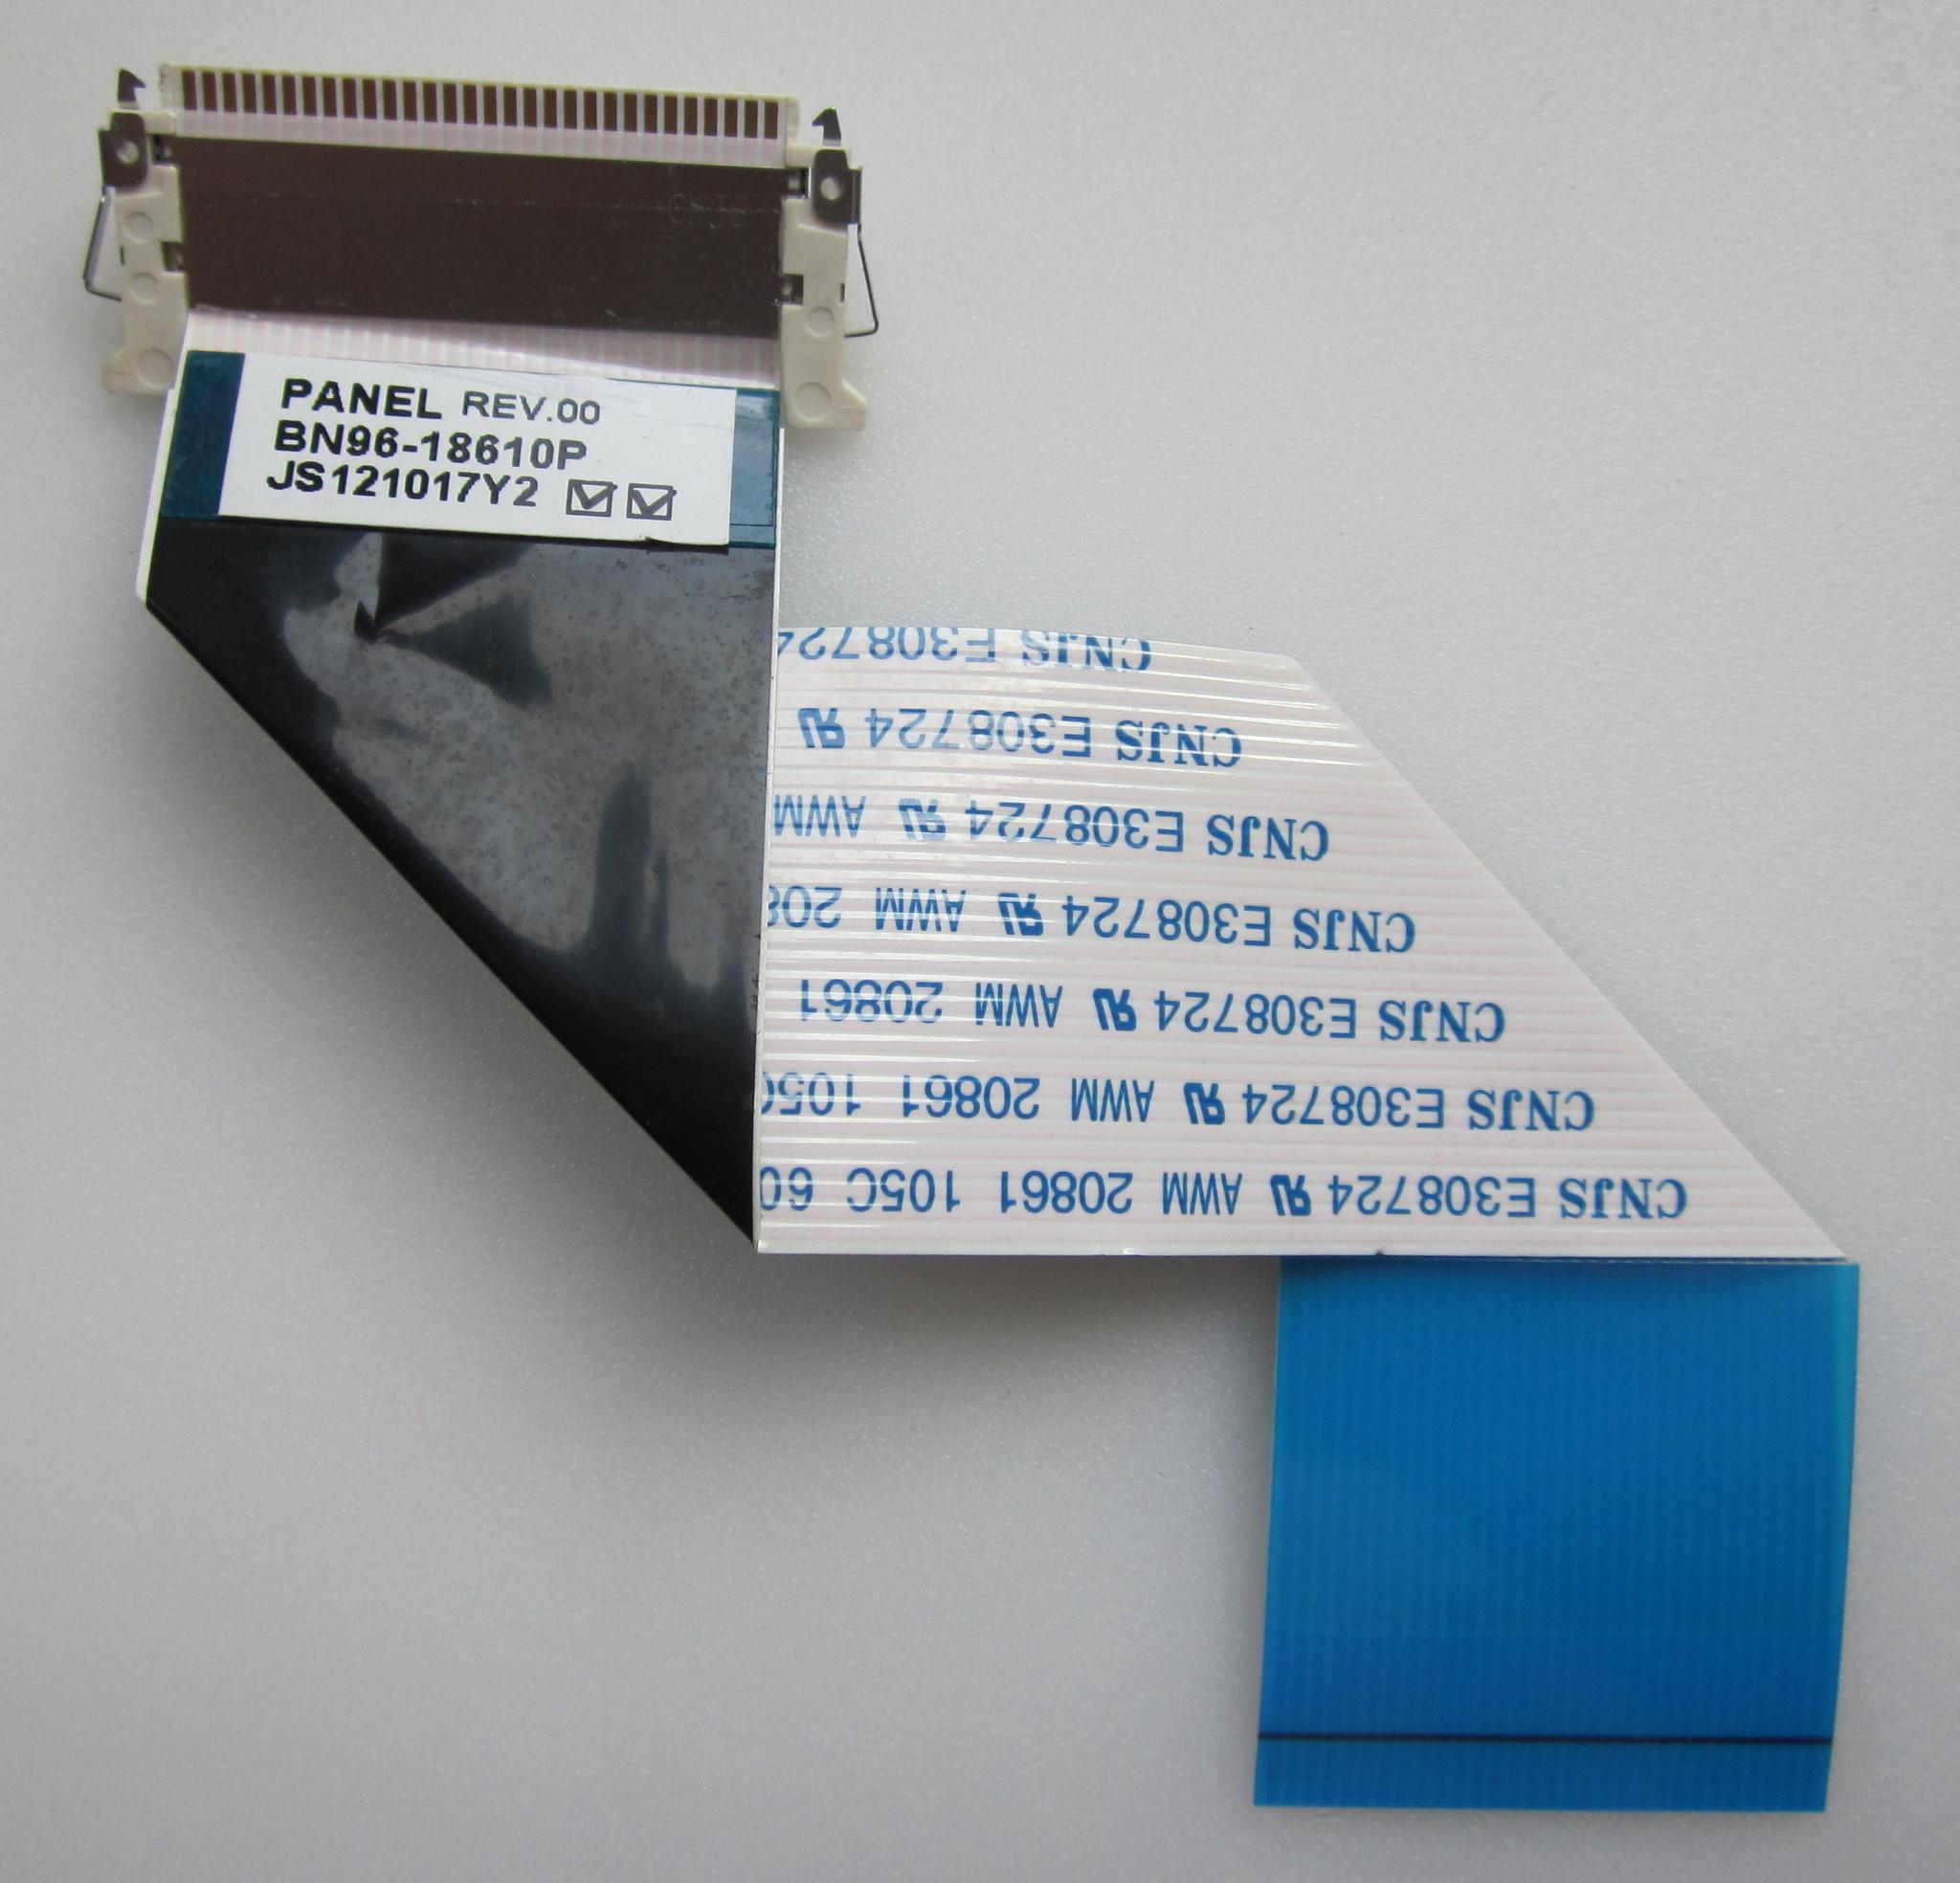 BN96-18610P REV.00